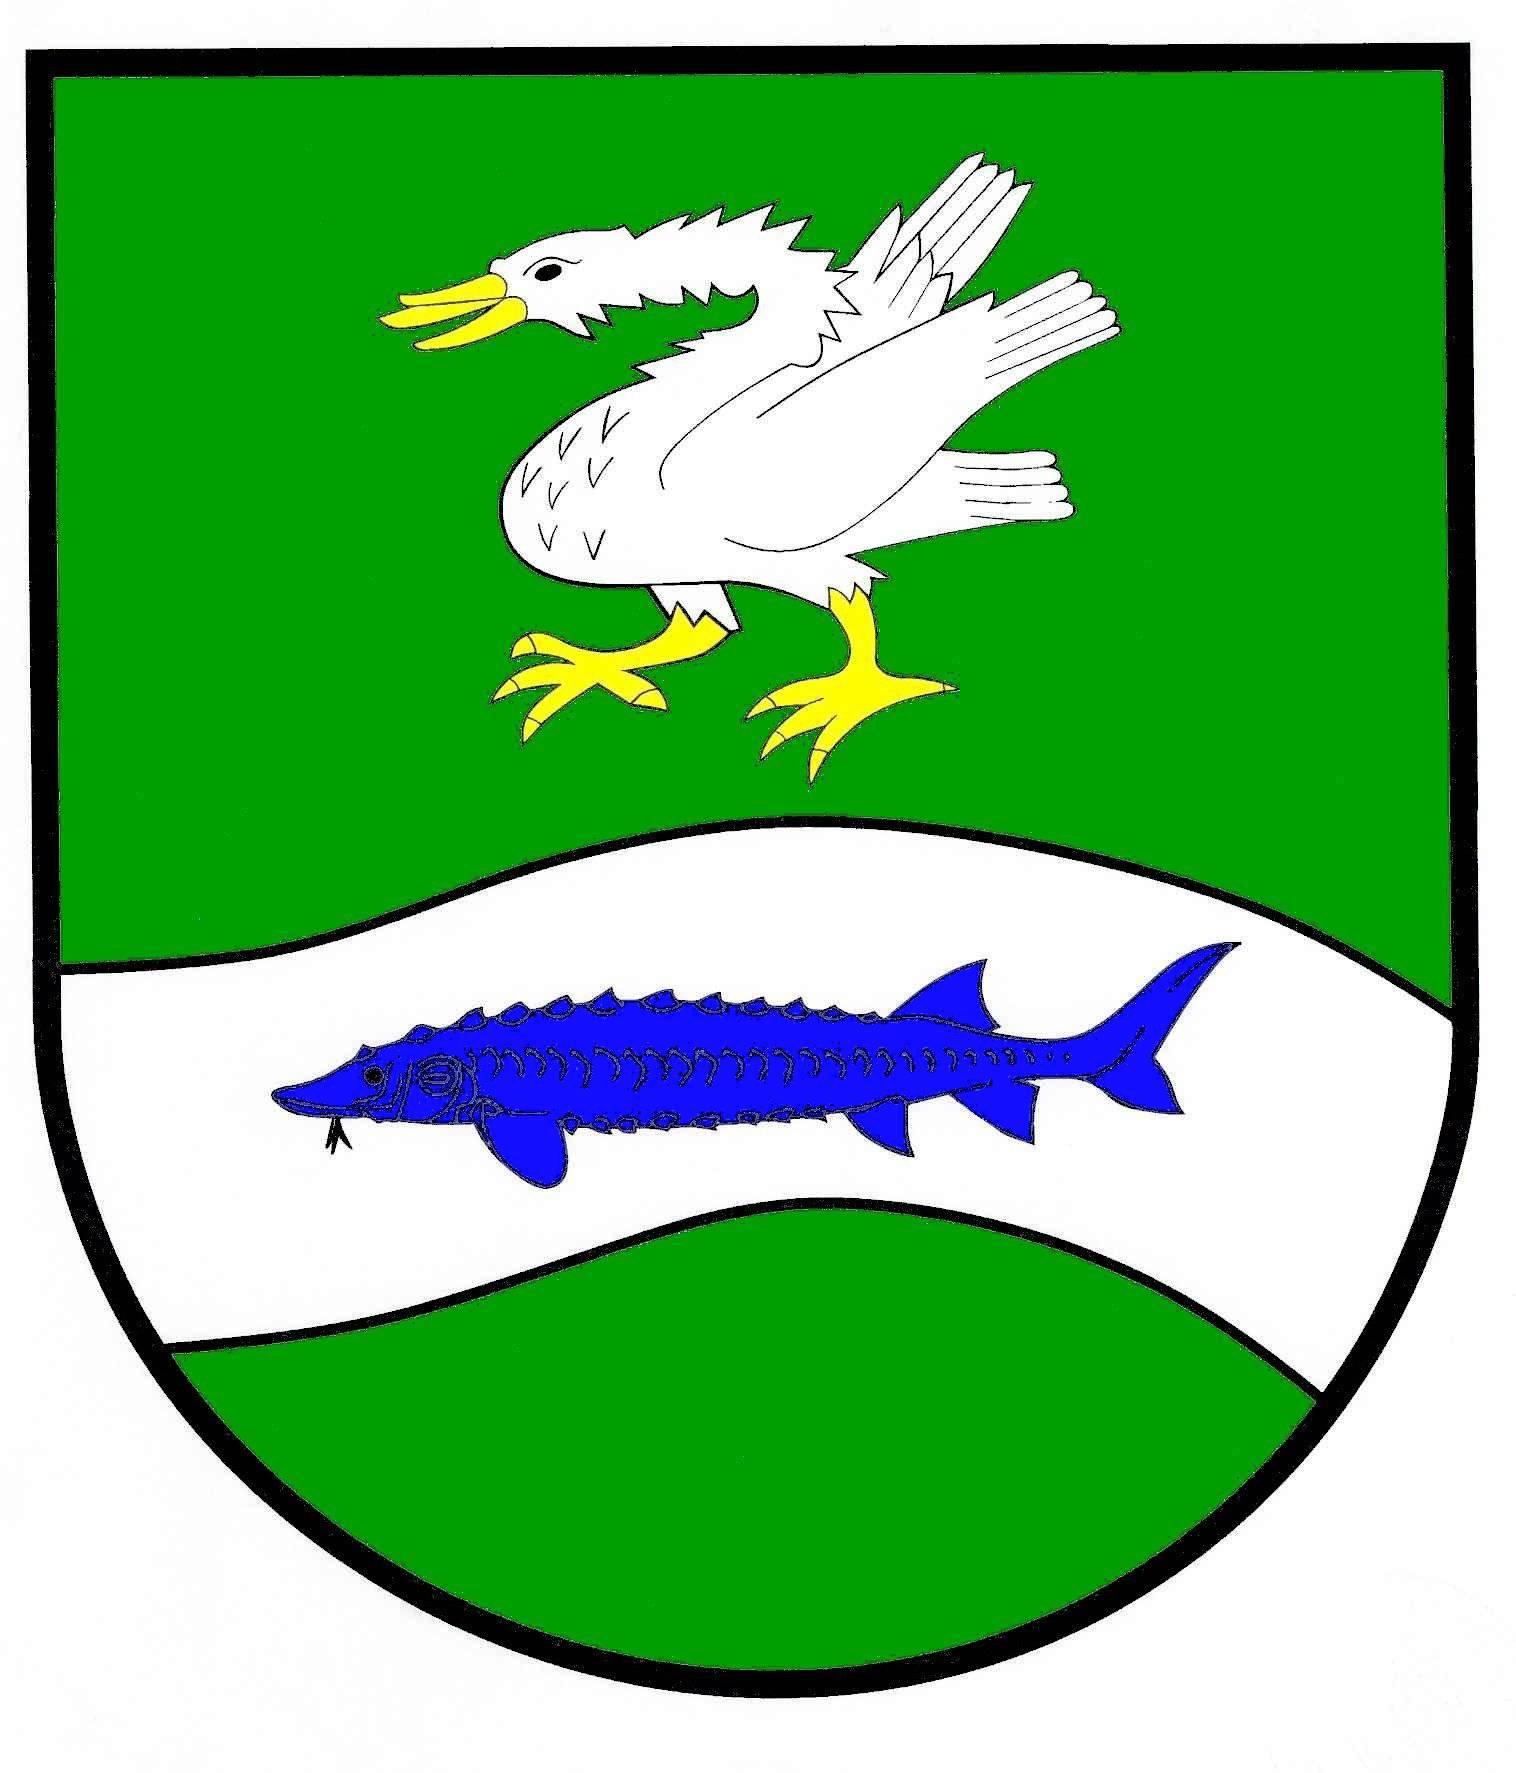 Wappen GemeindeBahrenfleth, Kreis Steinburg